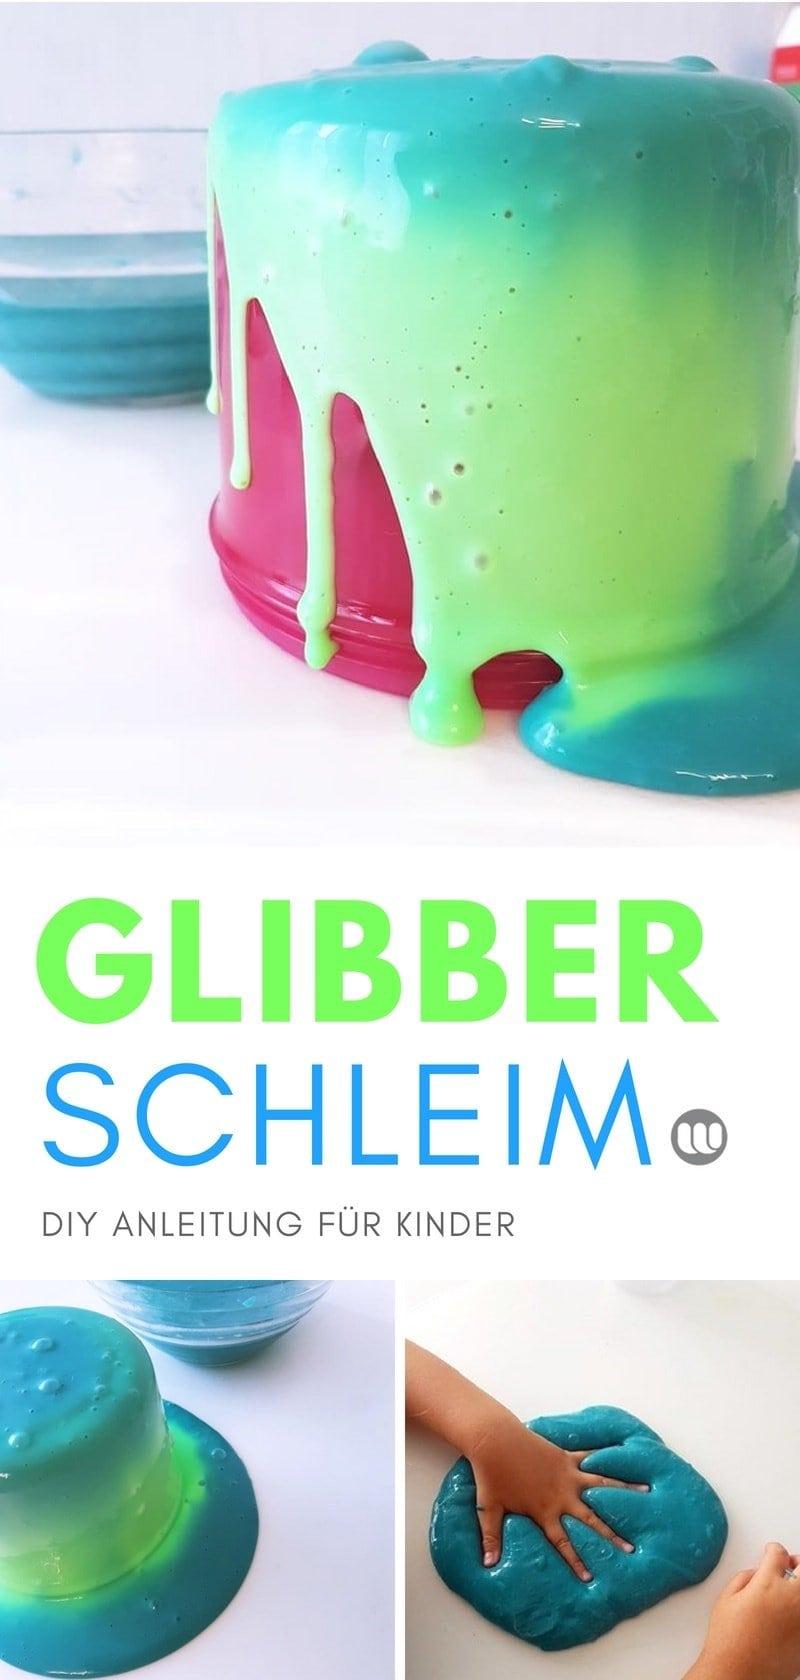 DIY Farbwechsel Schleim: Anleitung für selbstgemachten Slime der die Farbe wechselt